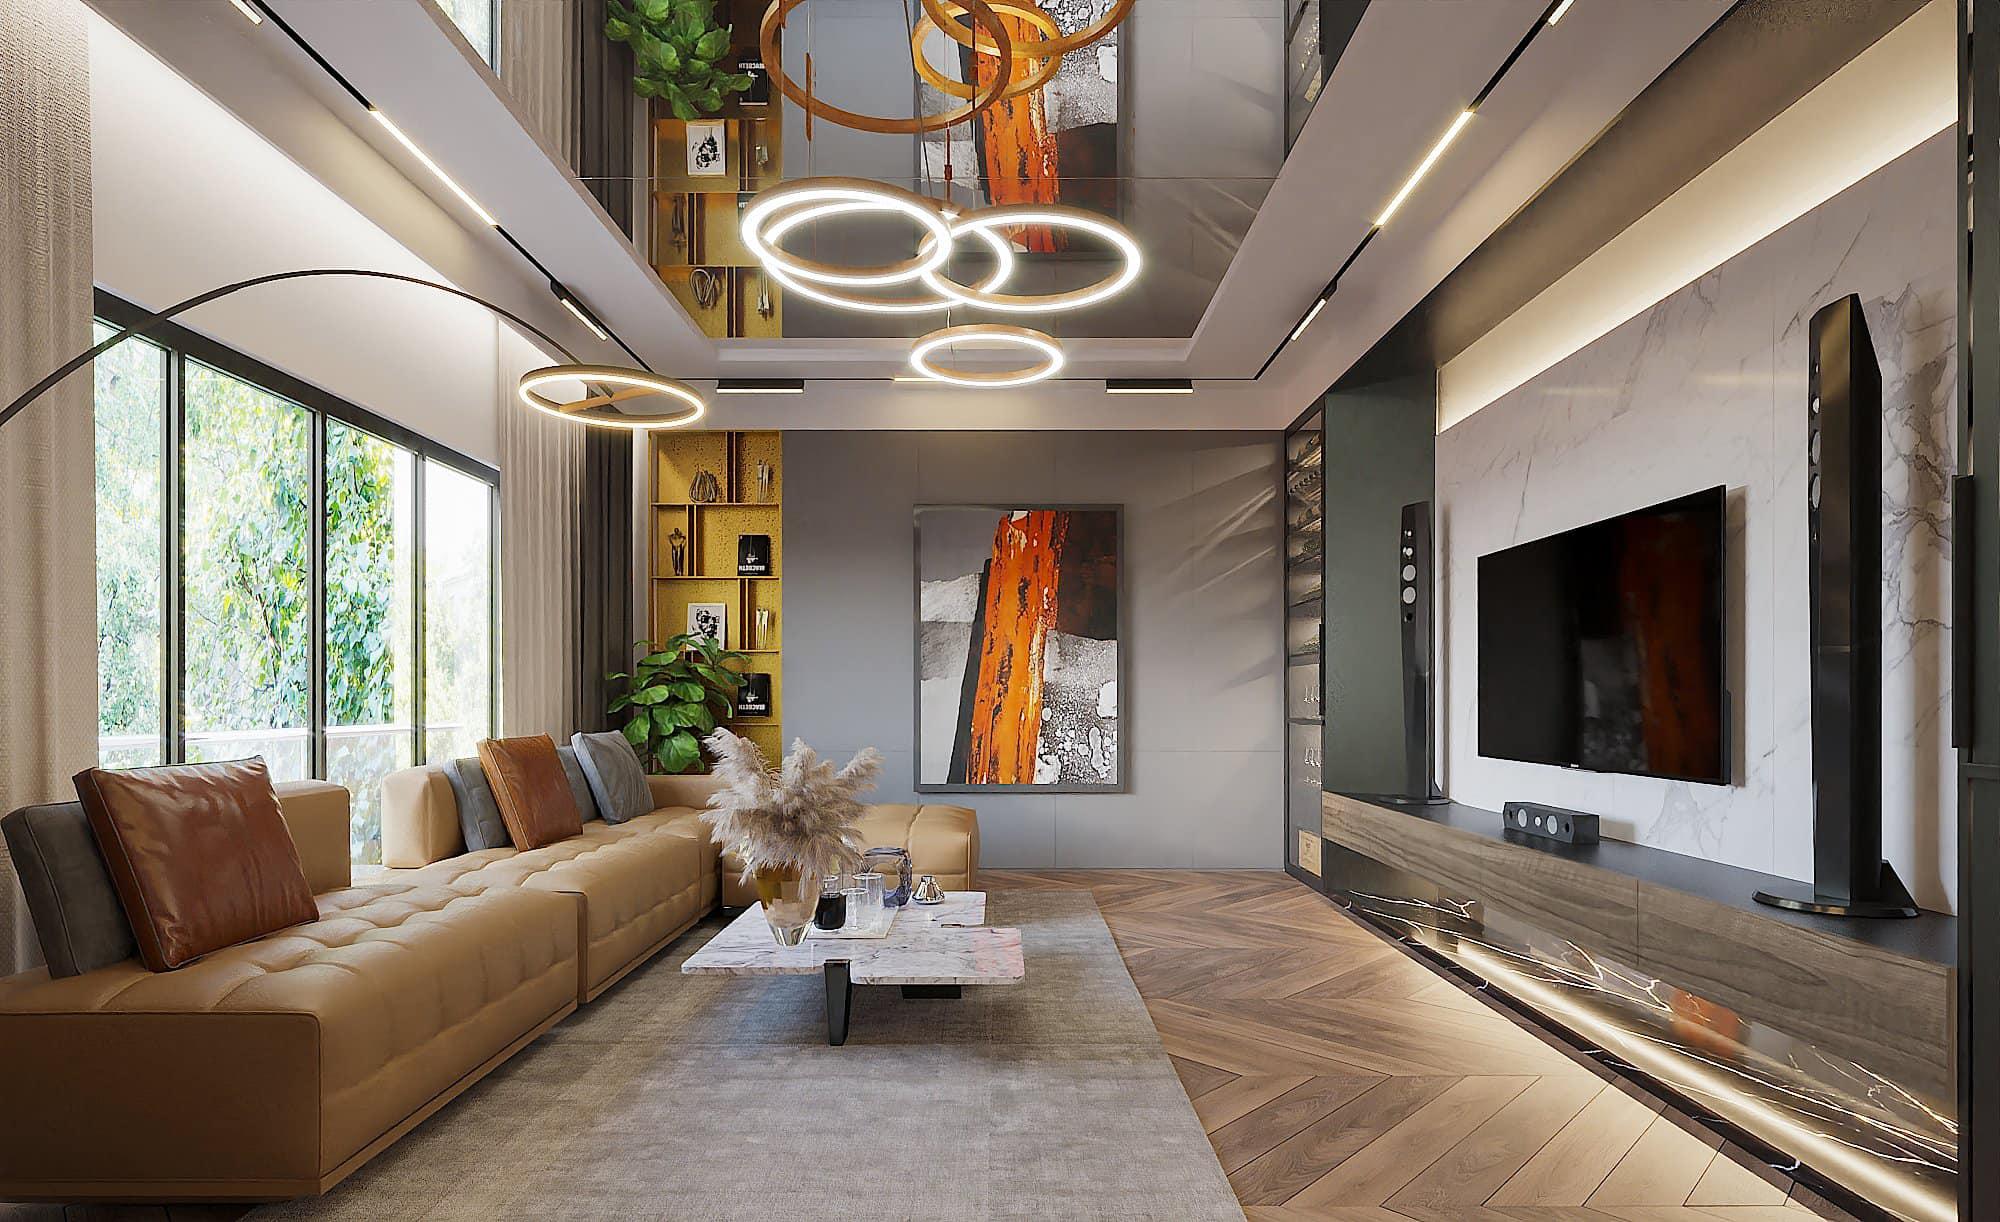 """Hồng Đăng (Hướng Dương Ngược Nắng) khoe nhà mới đẹp như phim Hàn, góc """"chill"""" ngay trong nhà xịn không kém homestay - Ảnh 3."""